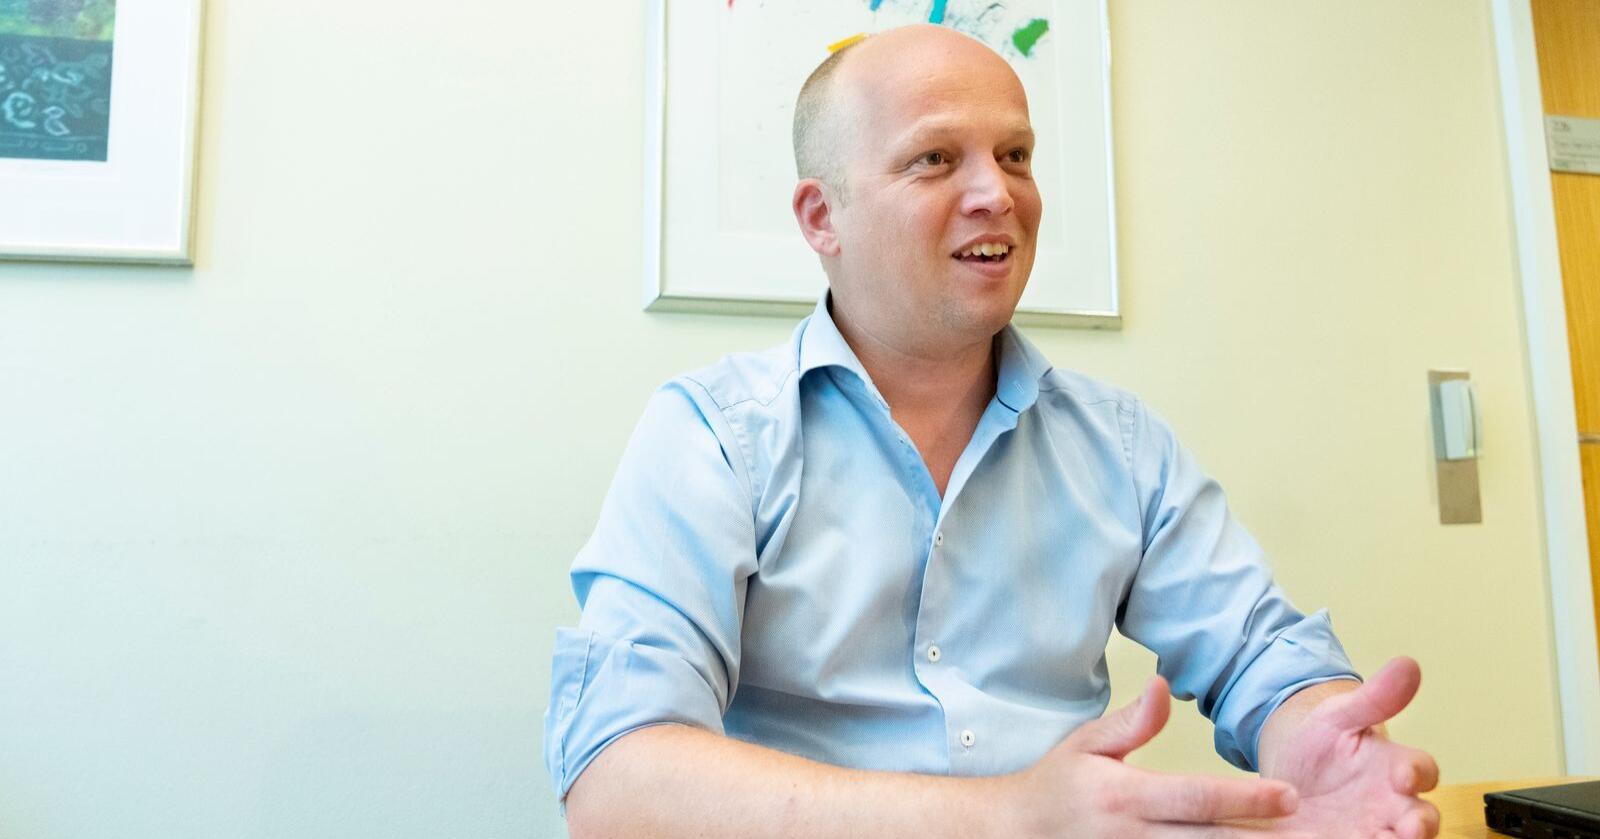 Sp-leder Trygve Slagsvold Vedum vil beholde muligheten for utslippskutt i utlandet.Foto: Fredrik Hagen / NTB